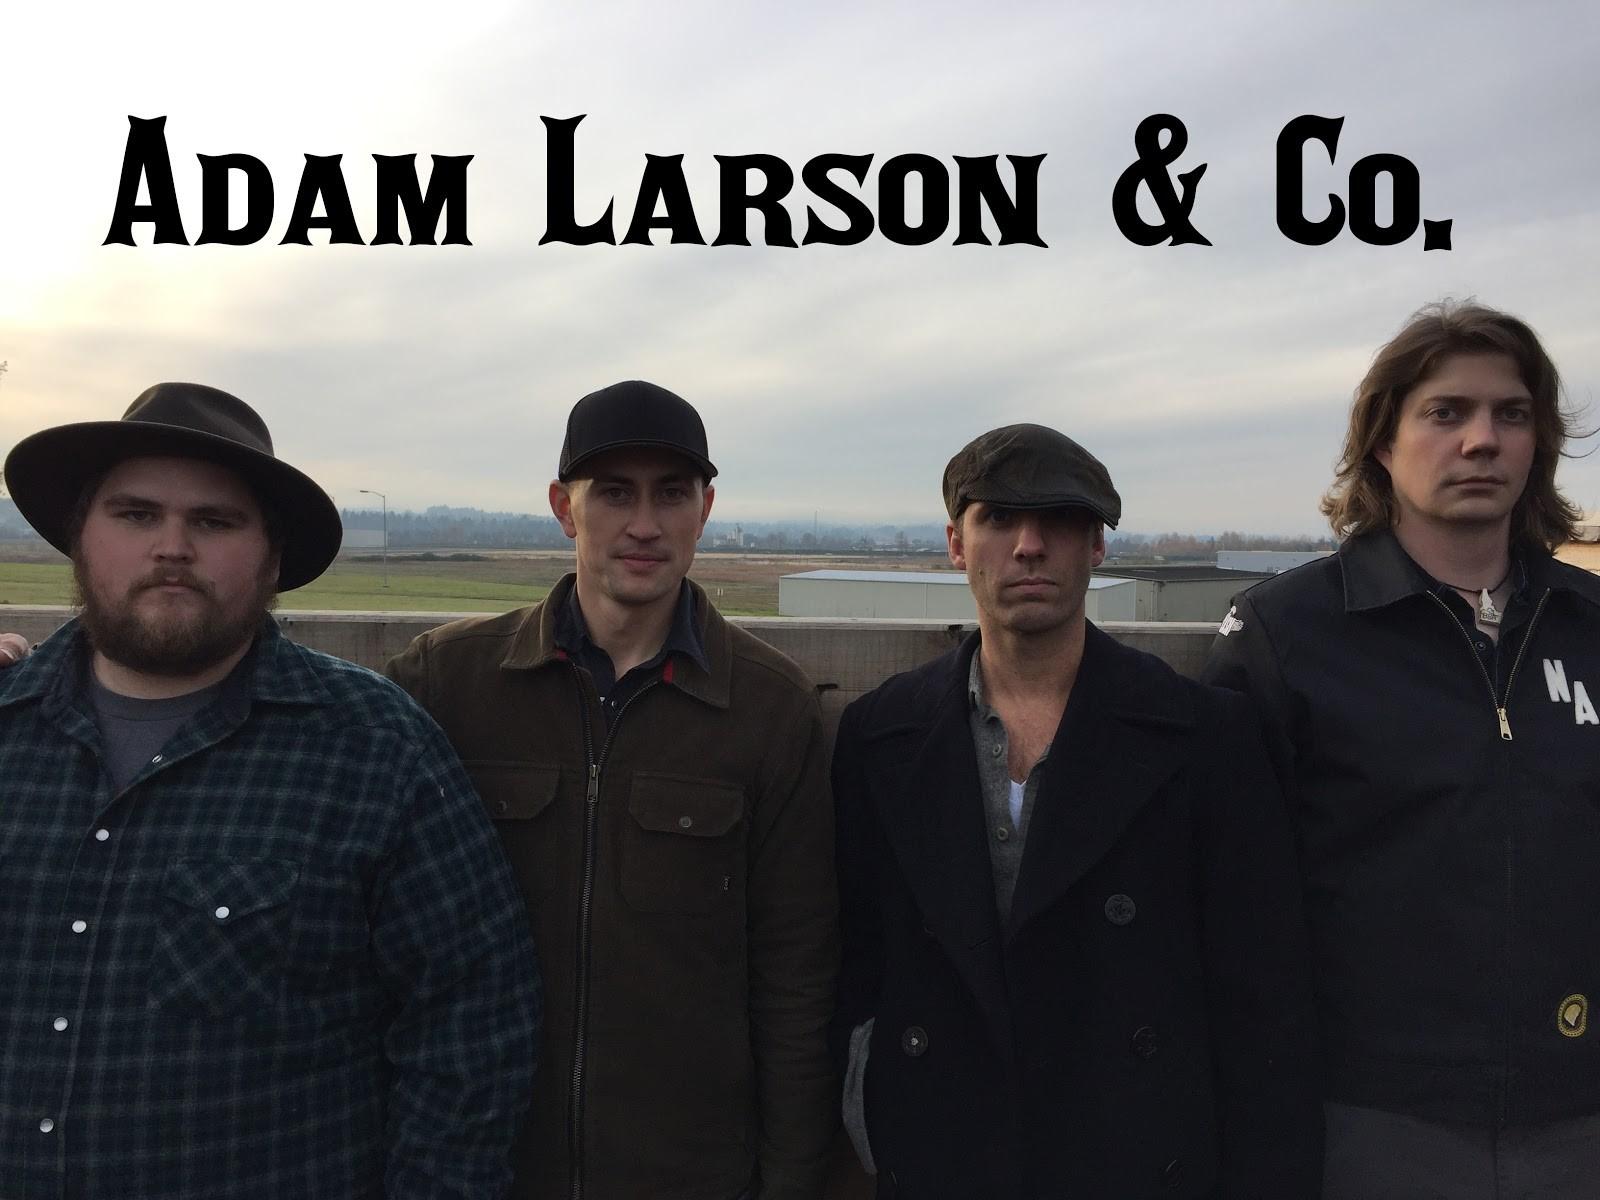 Adam Larson & Co.